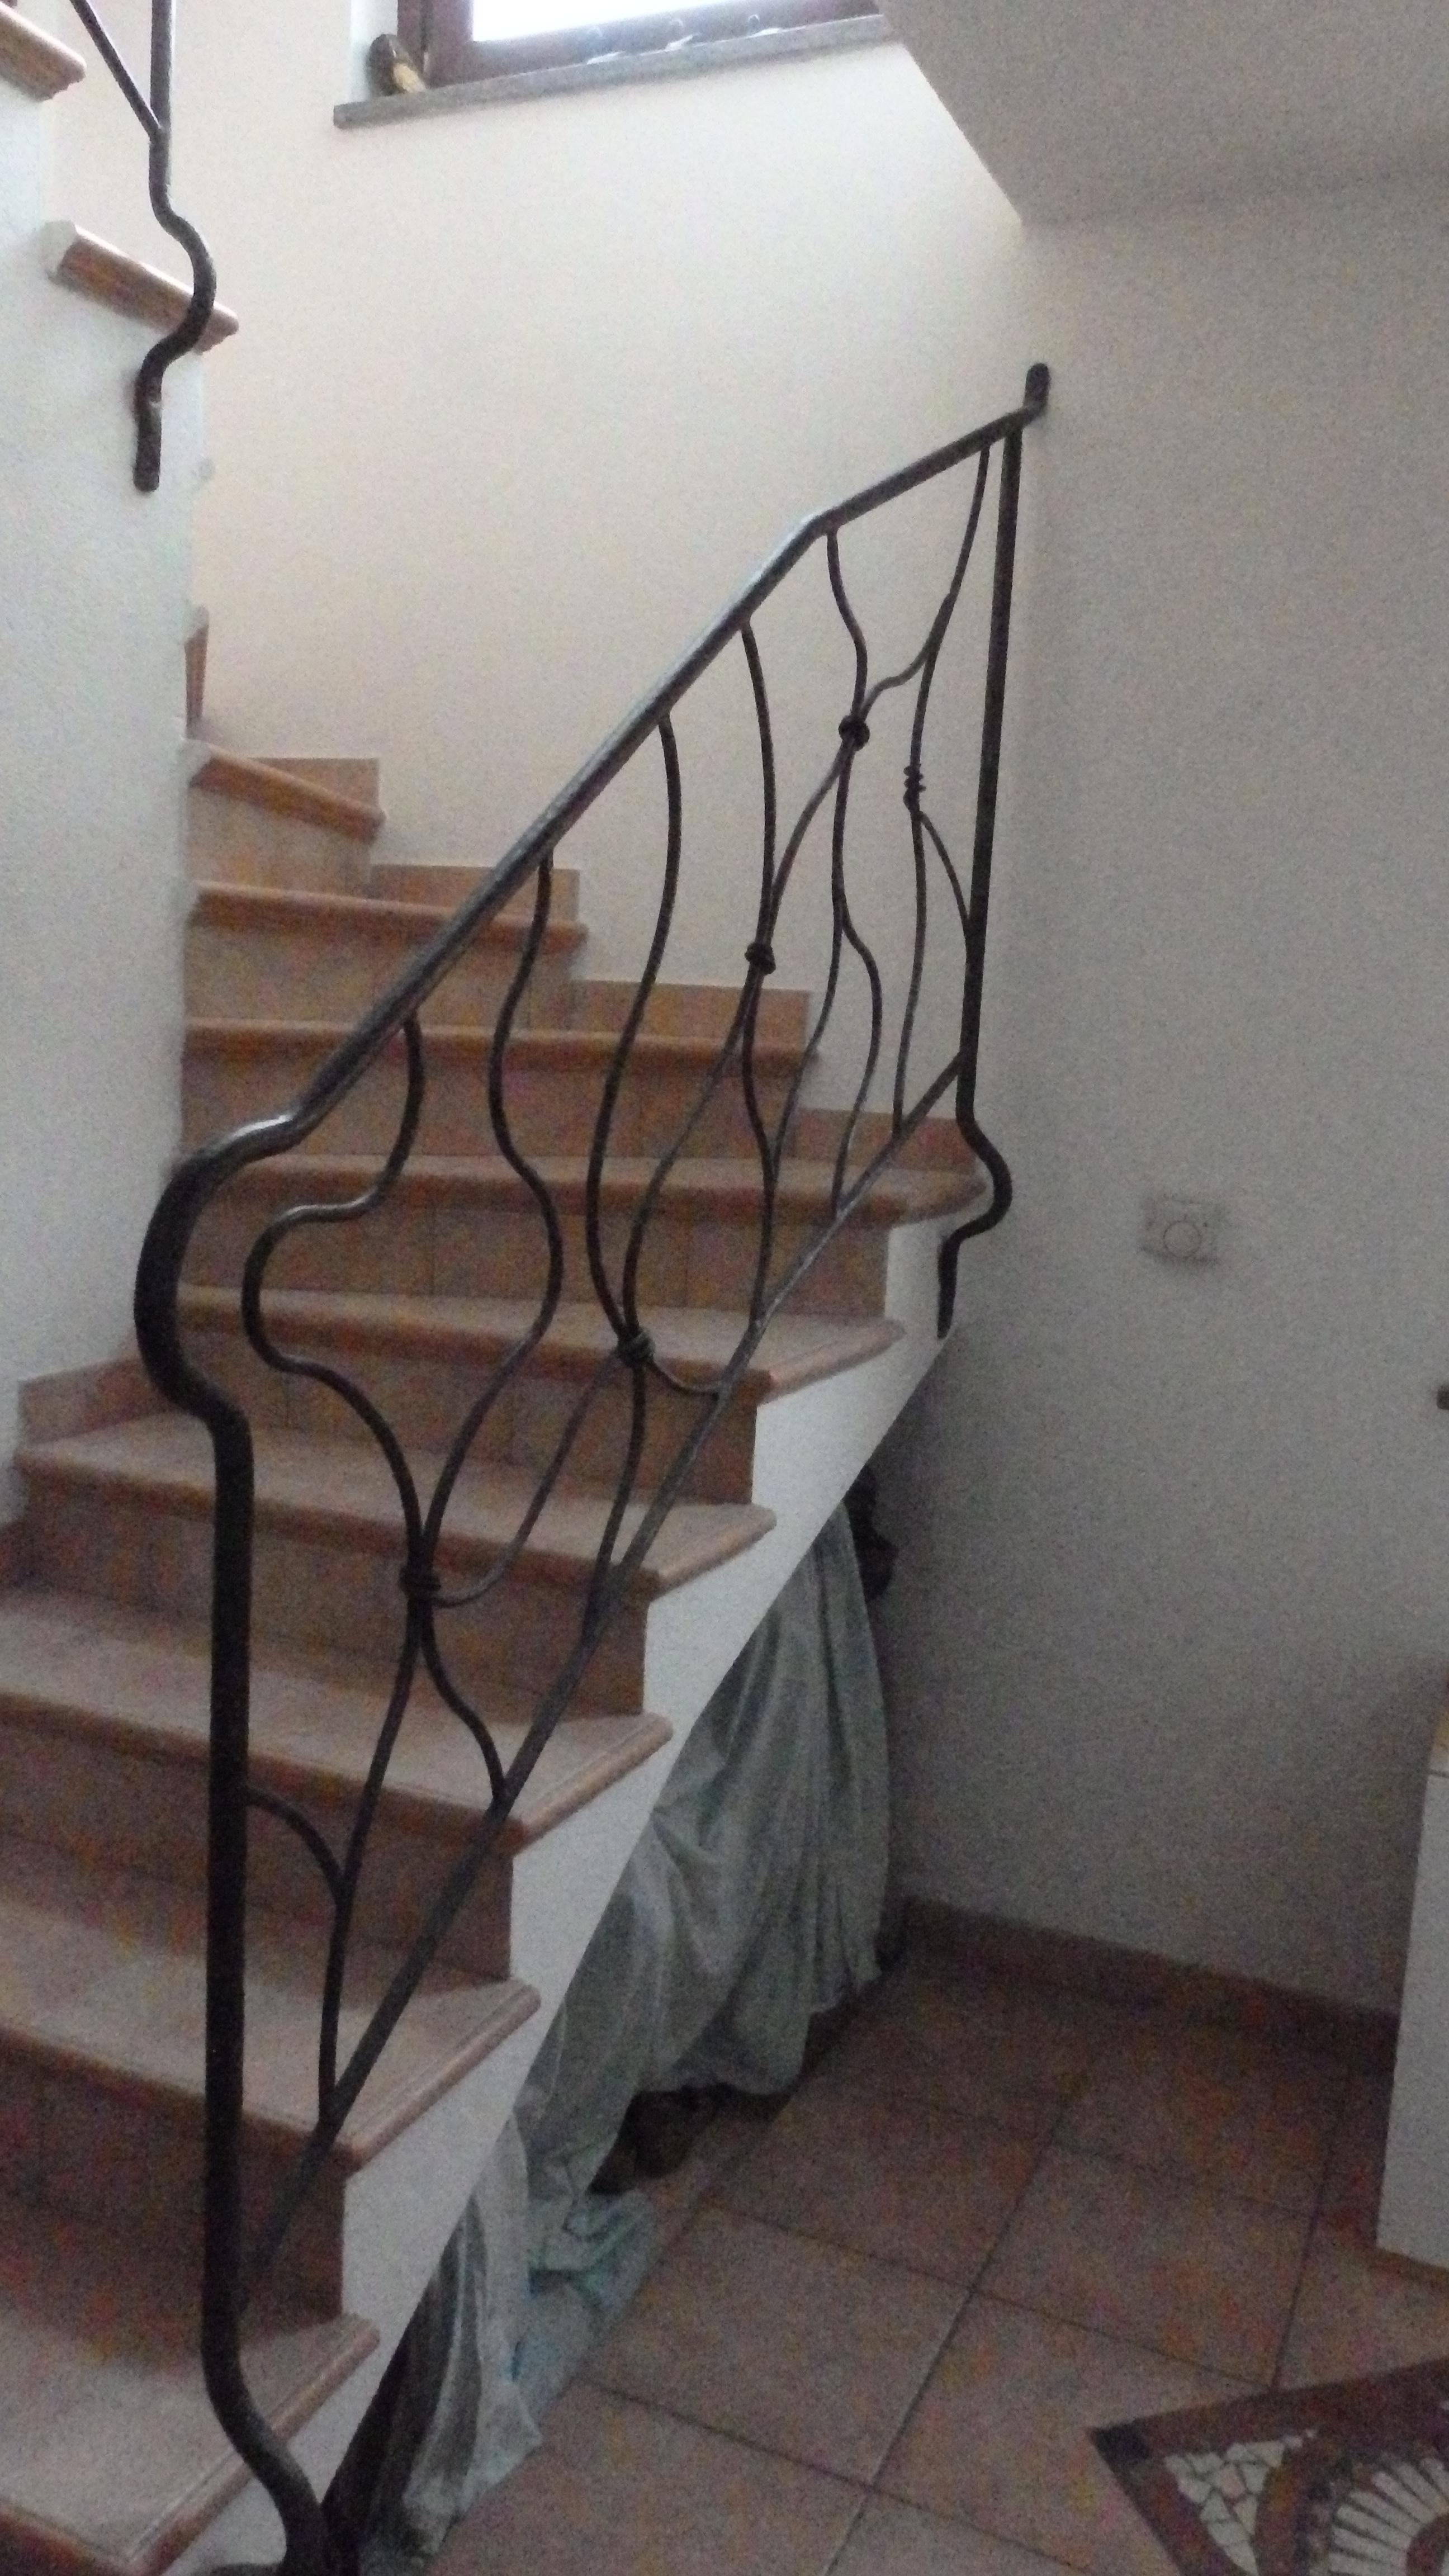 Ringhiera per interni in ferro battuto tipo moderno www - Ringhiere da interno moderne ...